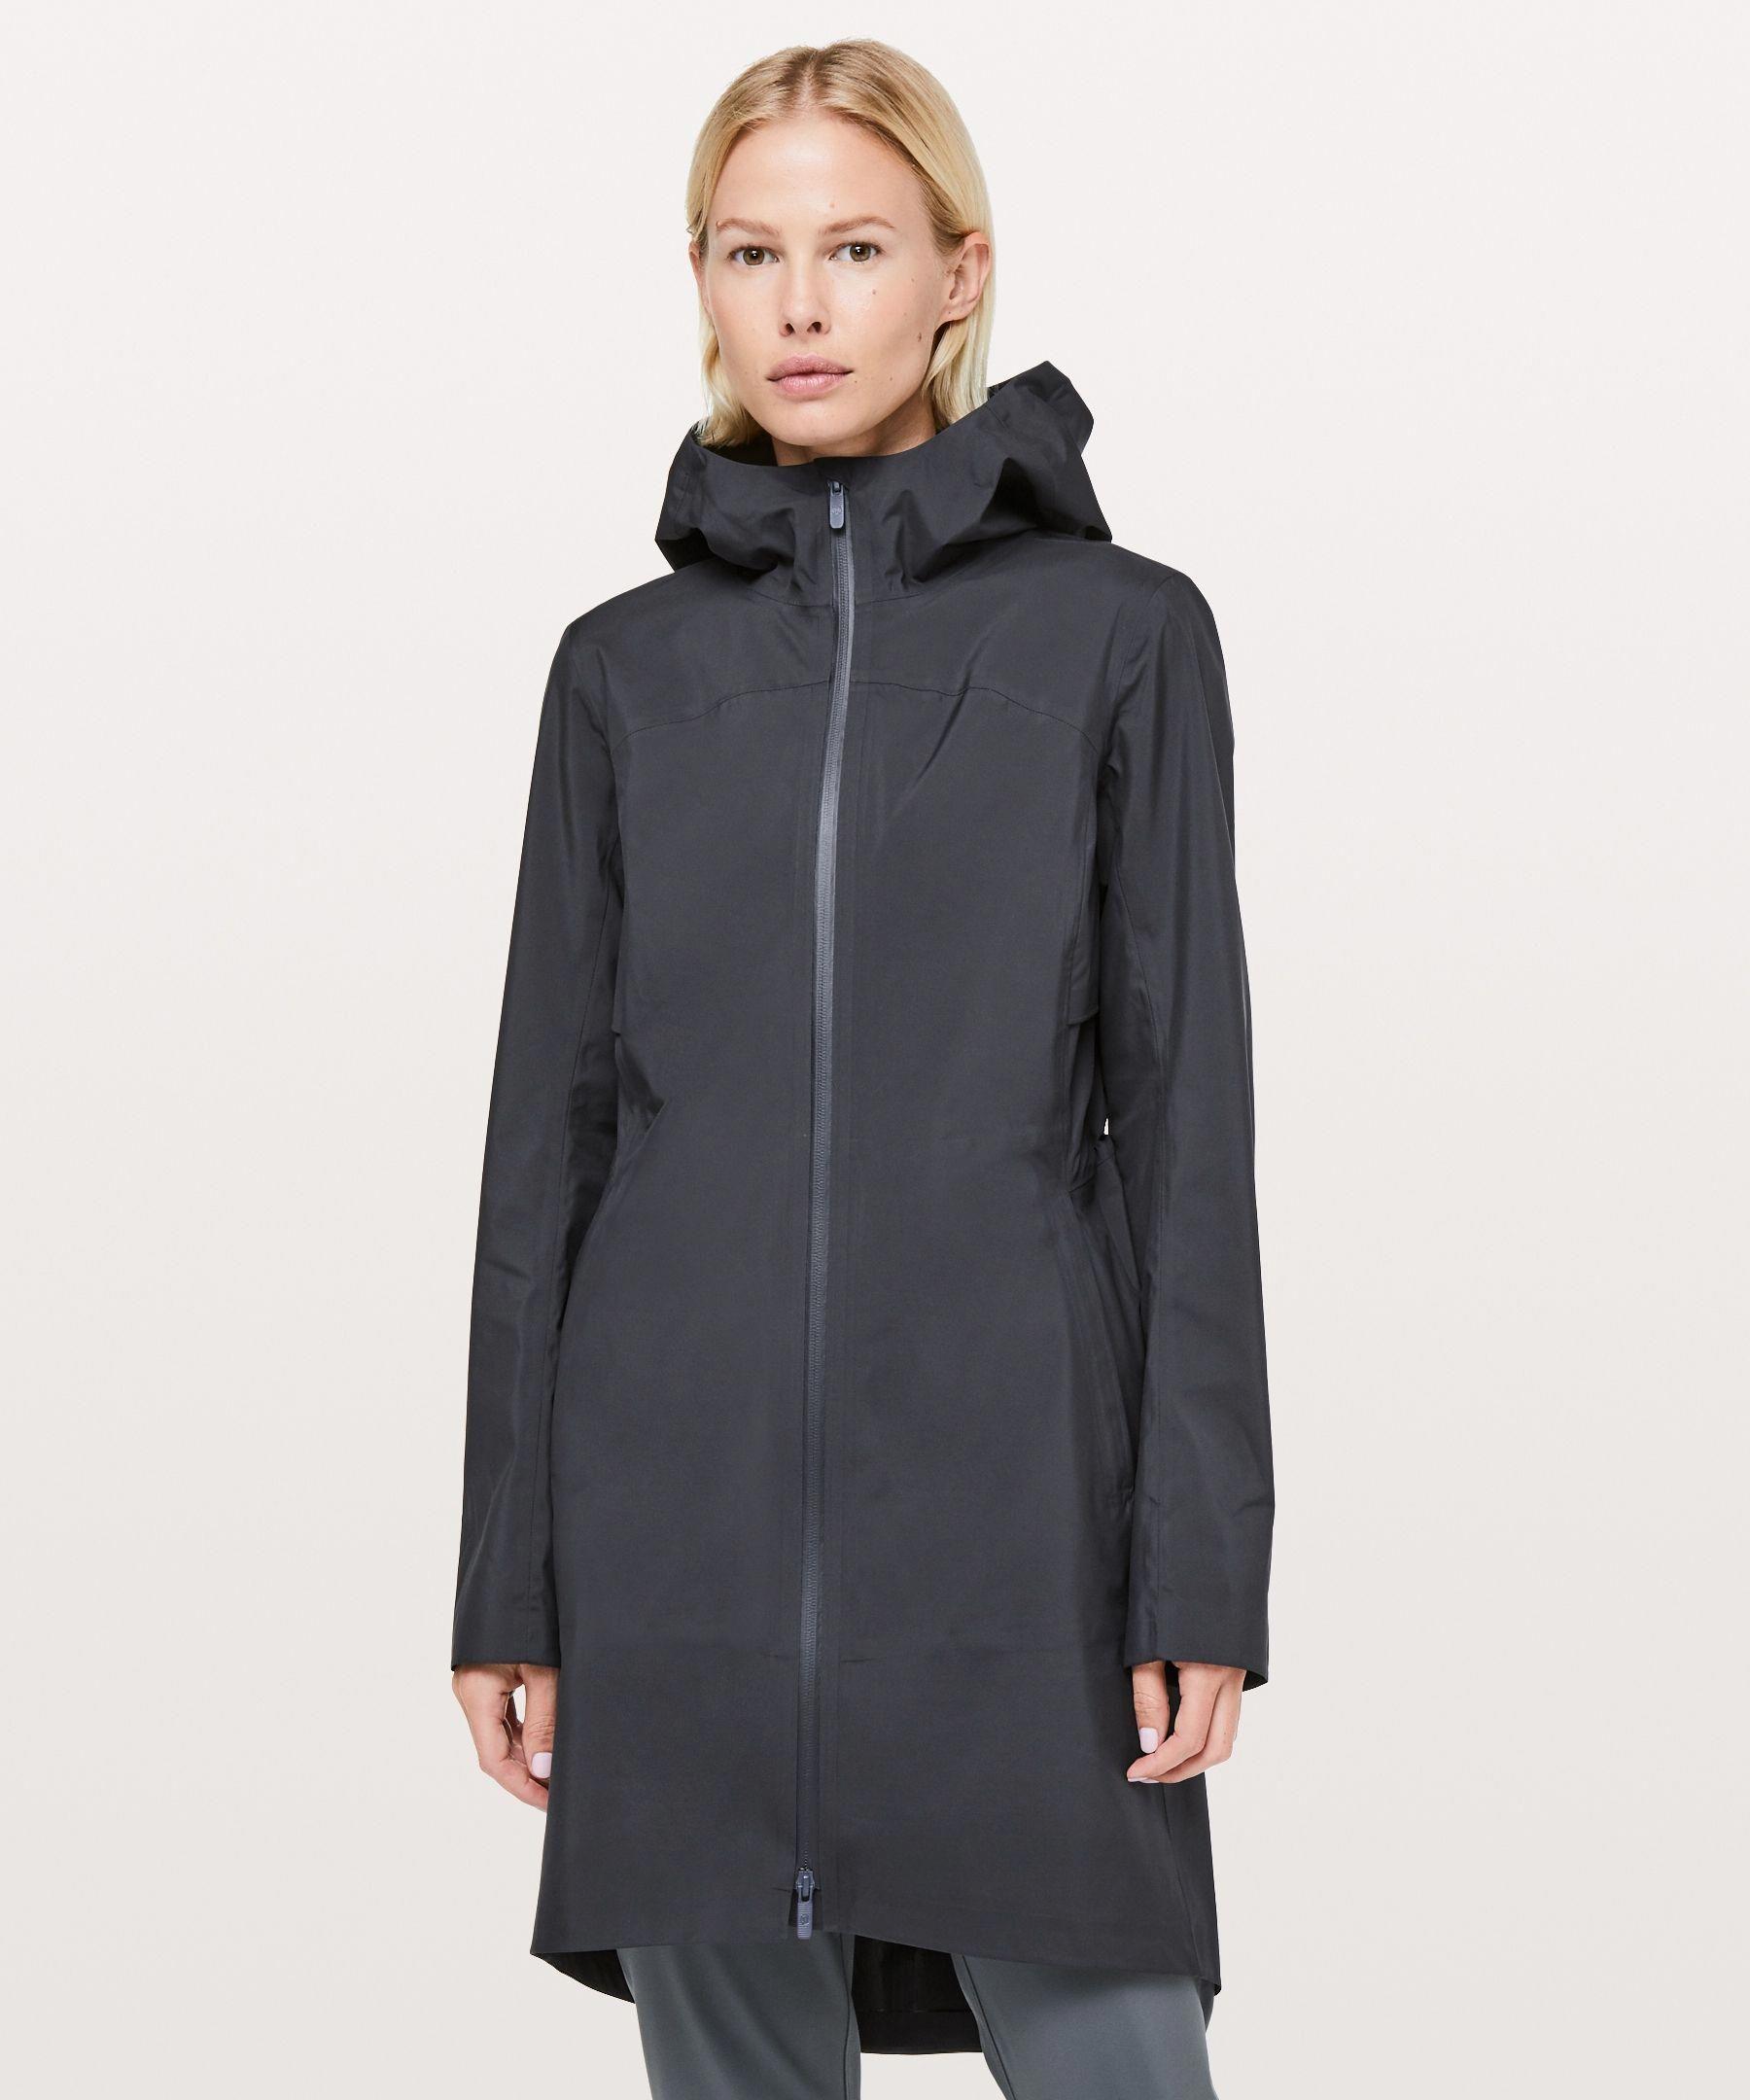 RainStopper Women s Clear Waterproof Rain Bonnet Hat  c1998223afe1